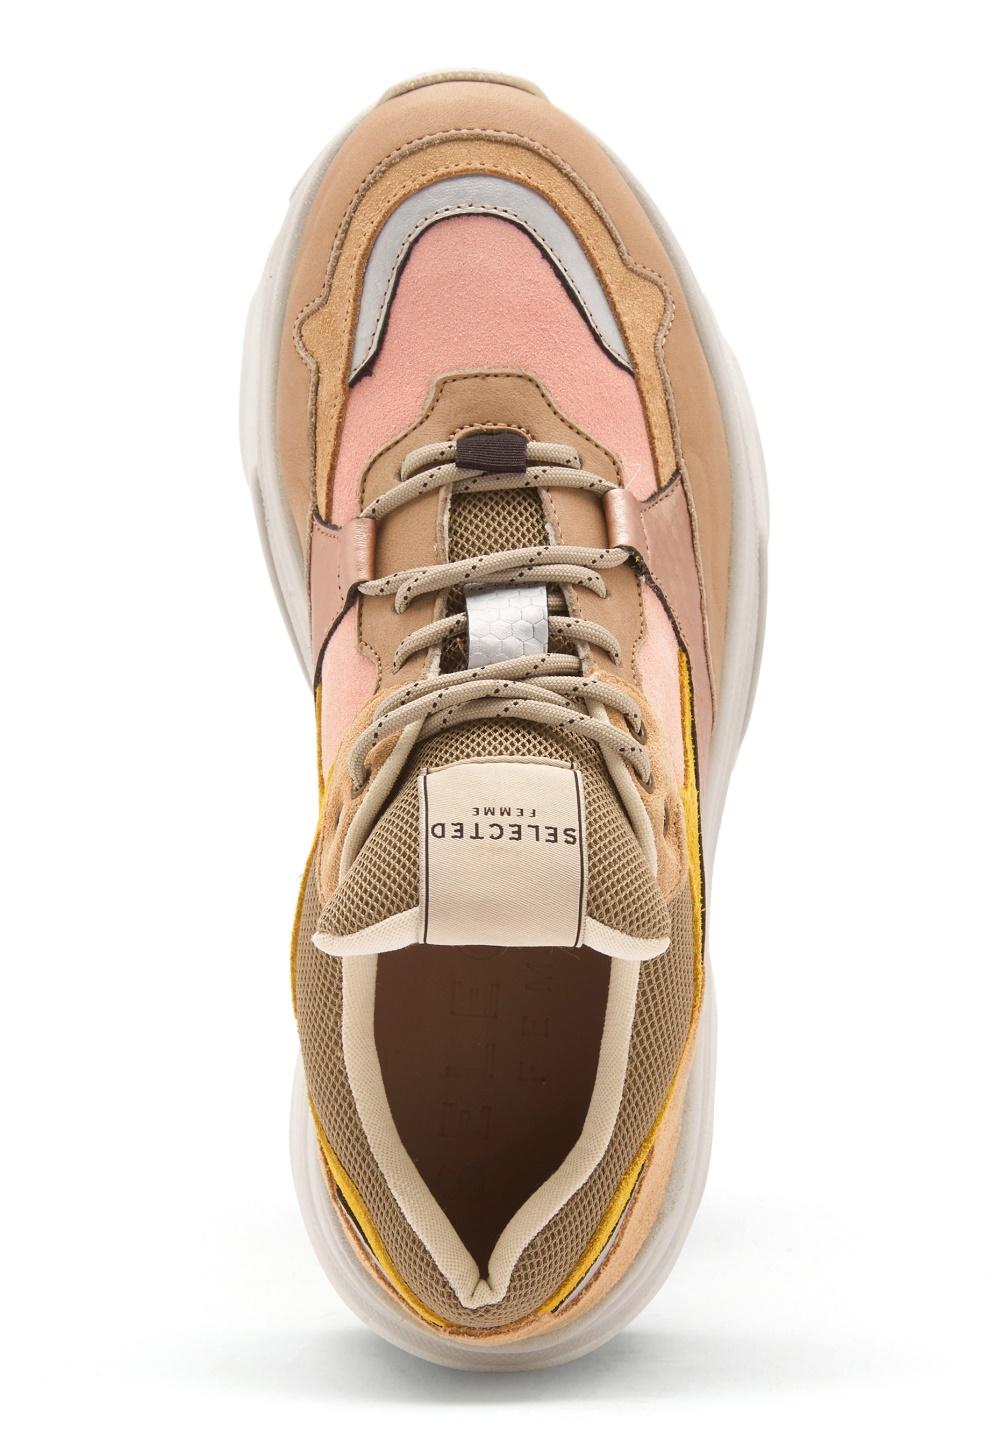 SELECTED FEMME Gavina Trainer Shoes Heavenly Pink - Bubbleroom b365e2b3a8556